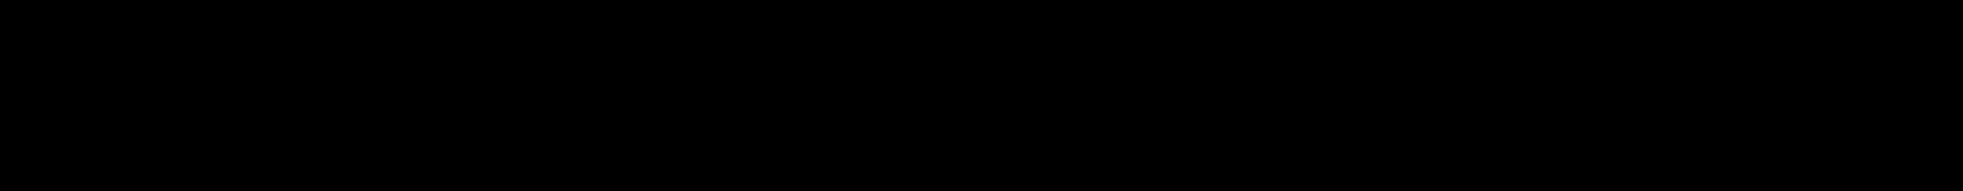 Sommet Serif Regular